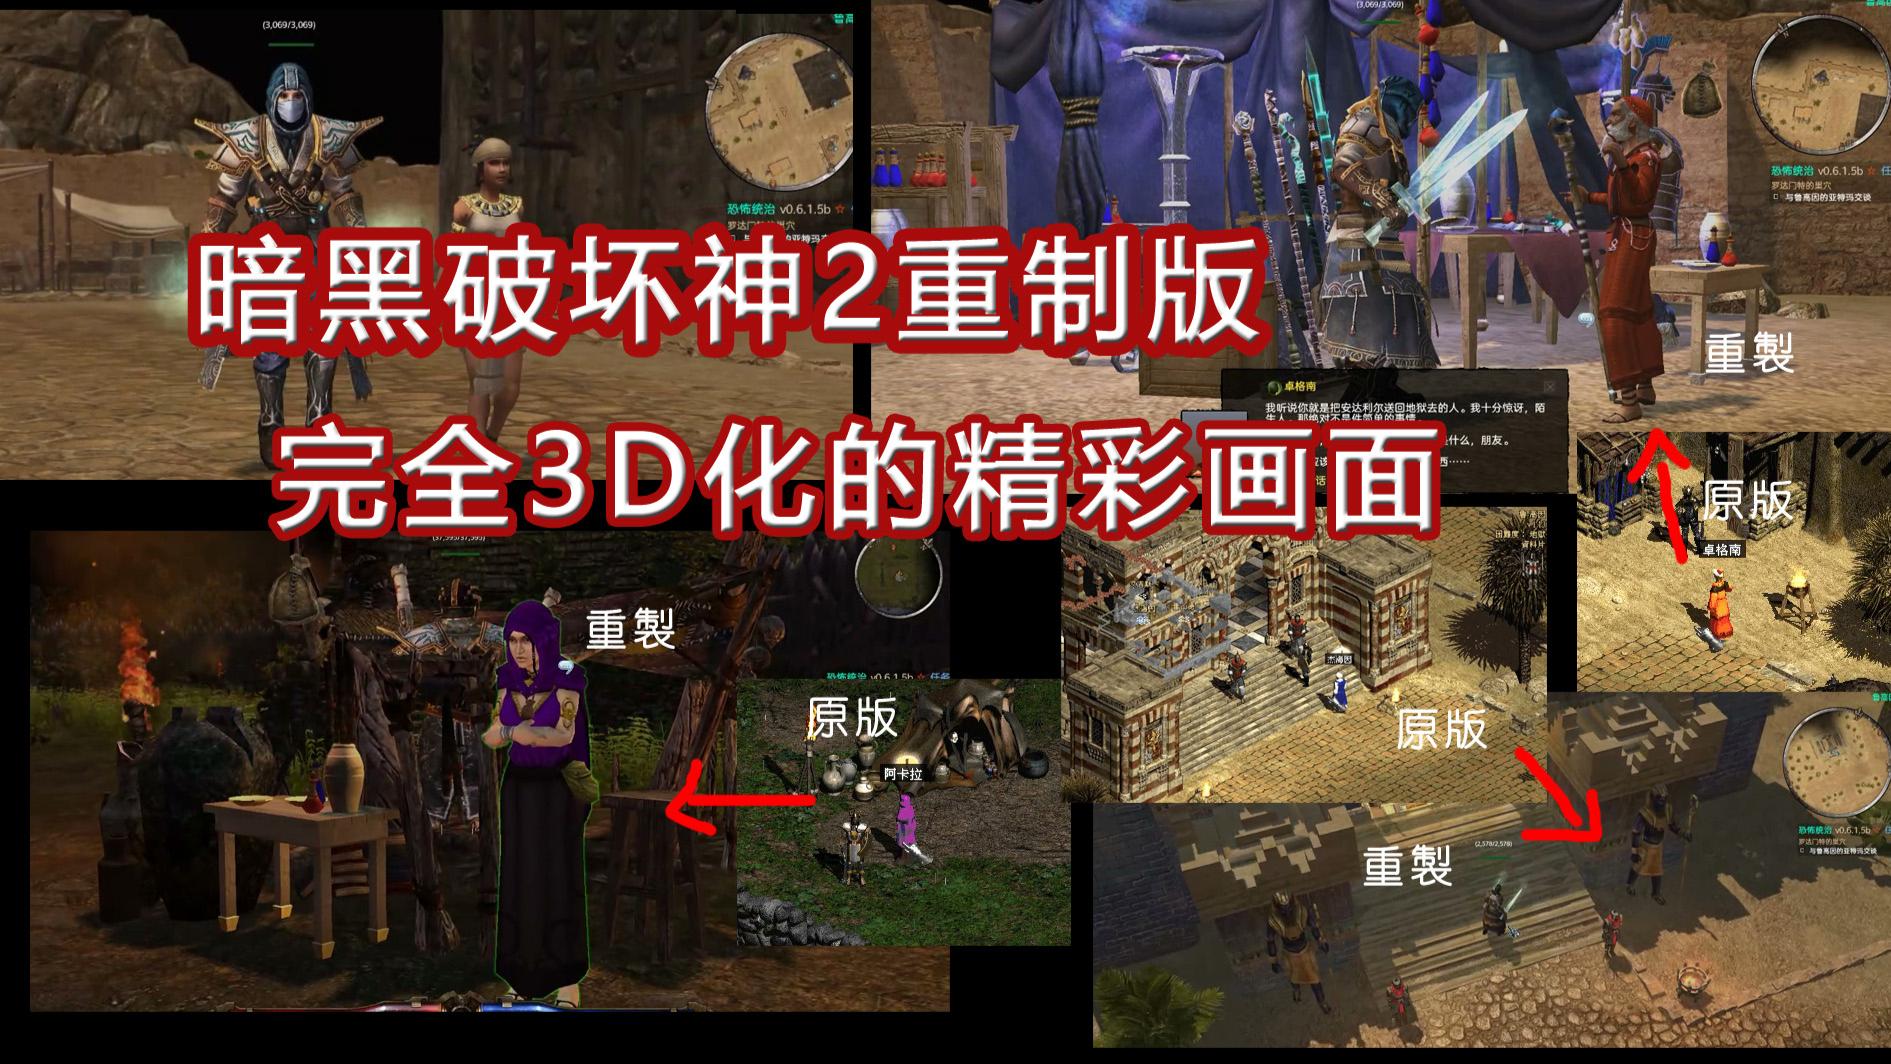 堪称完美的暗黑破坏神2重制版,圆一场20年的梦